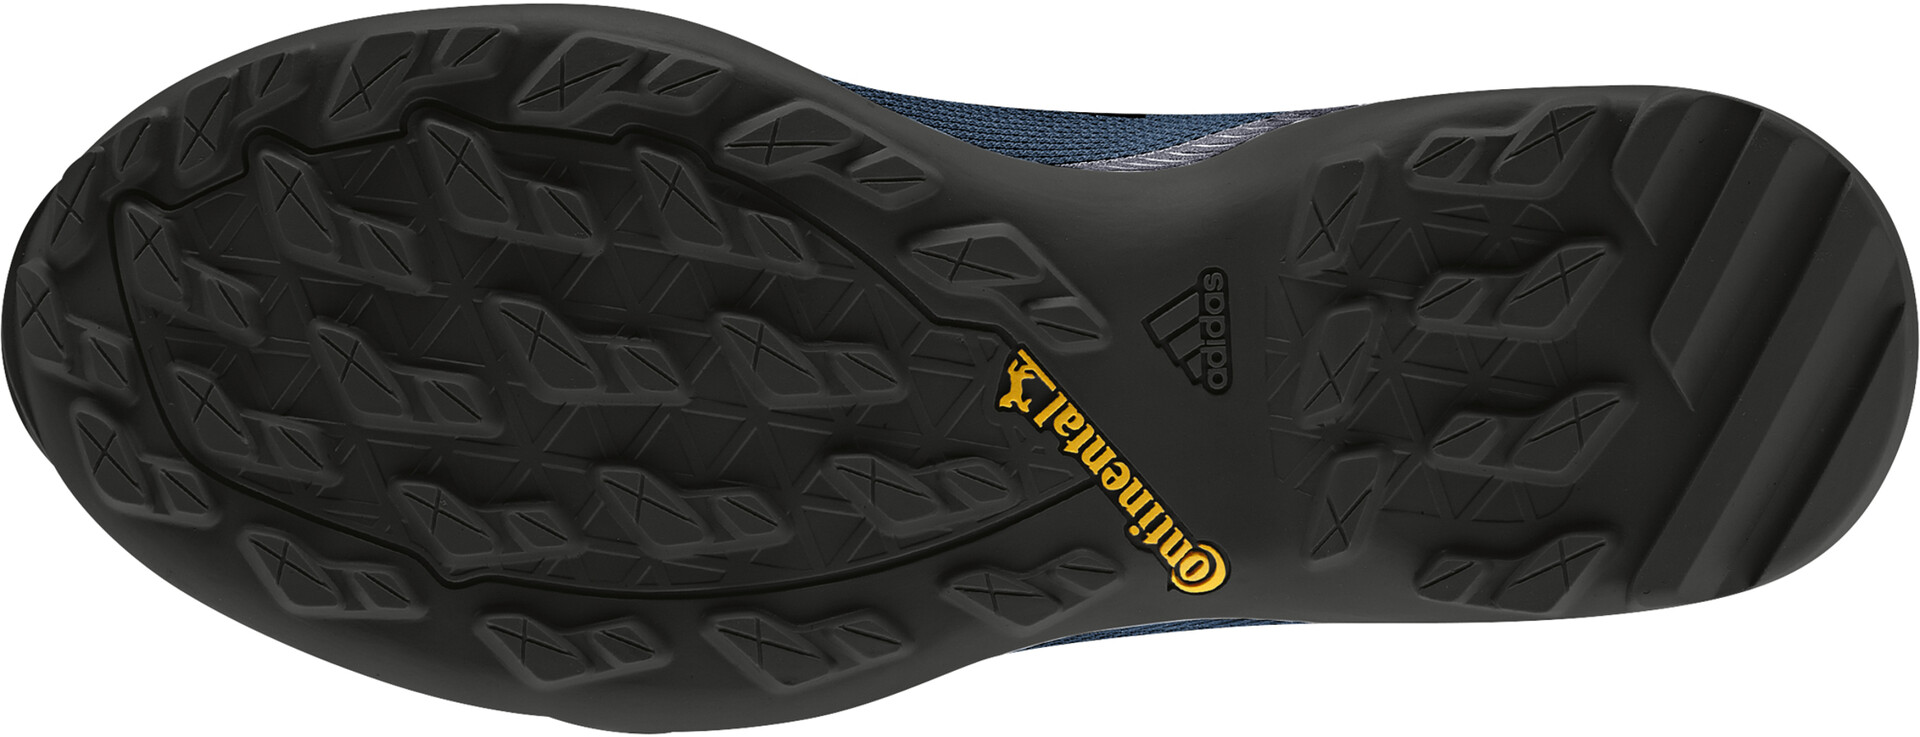 adidas TERREX AX3 Shoes Men legend marinecore blackonix